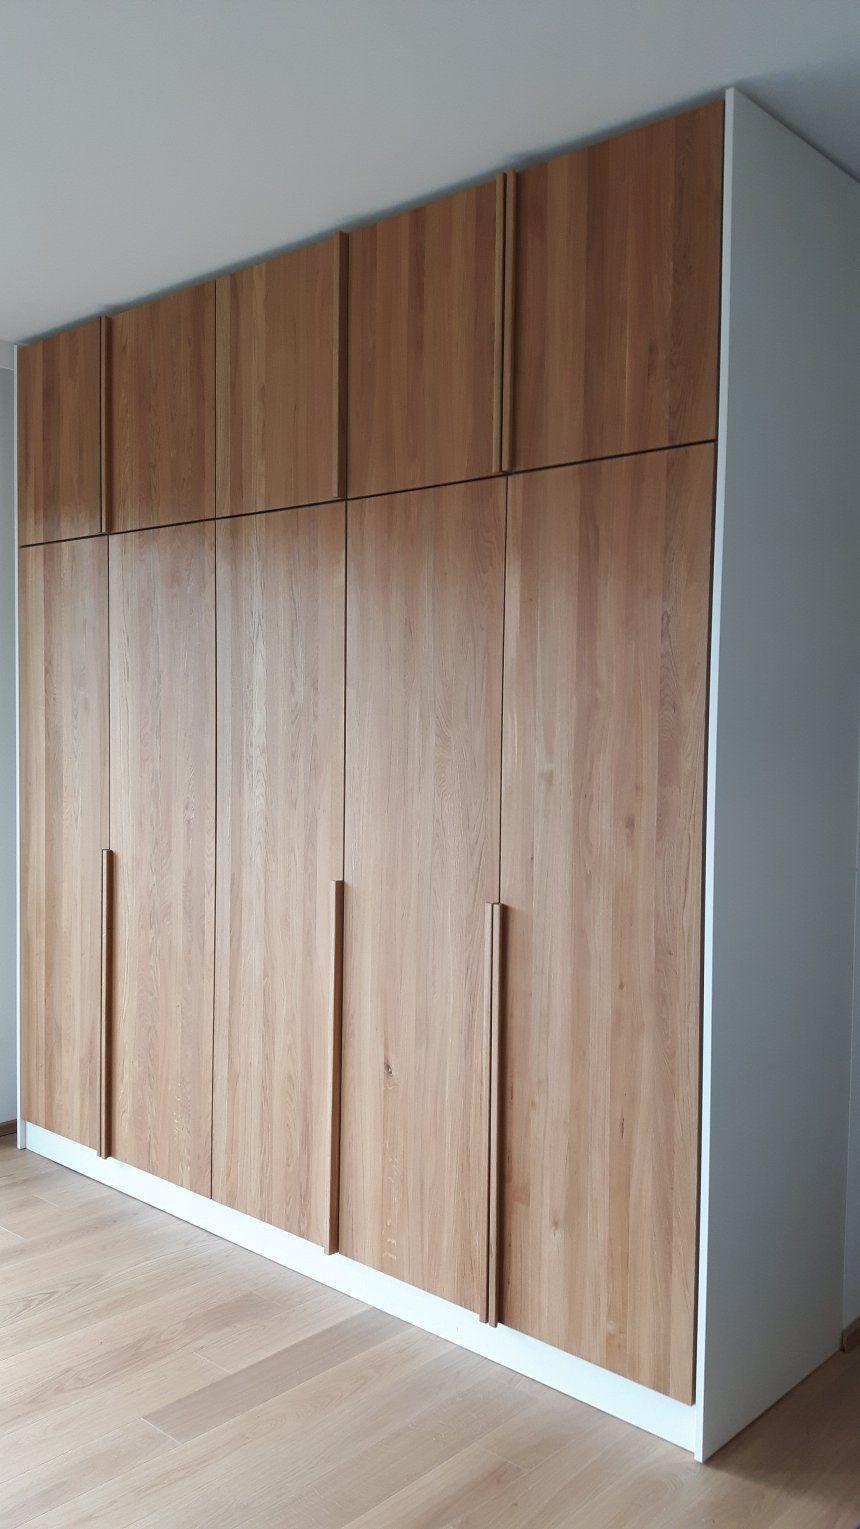 Bedroom cupboard designs photos interior prices cabinets design